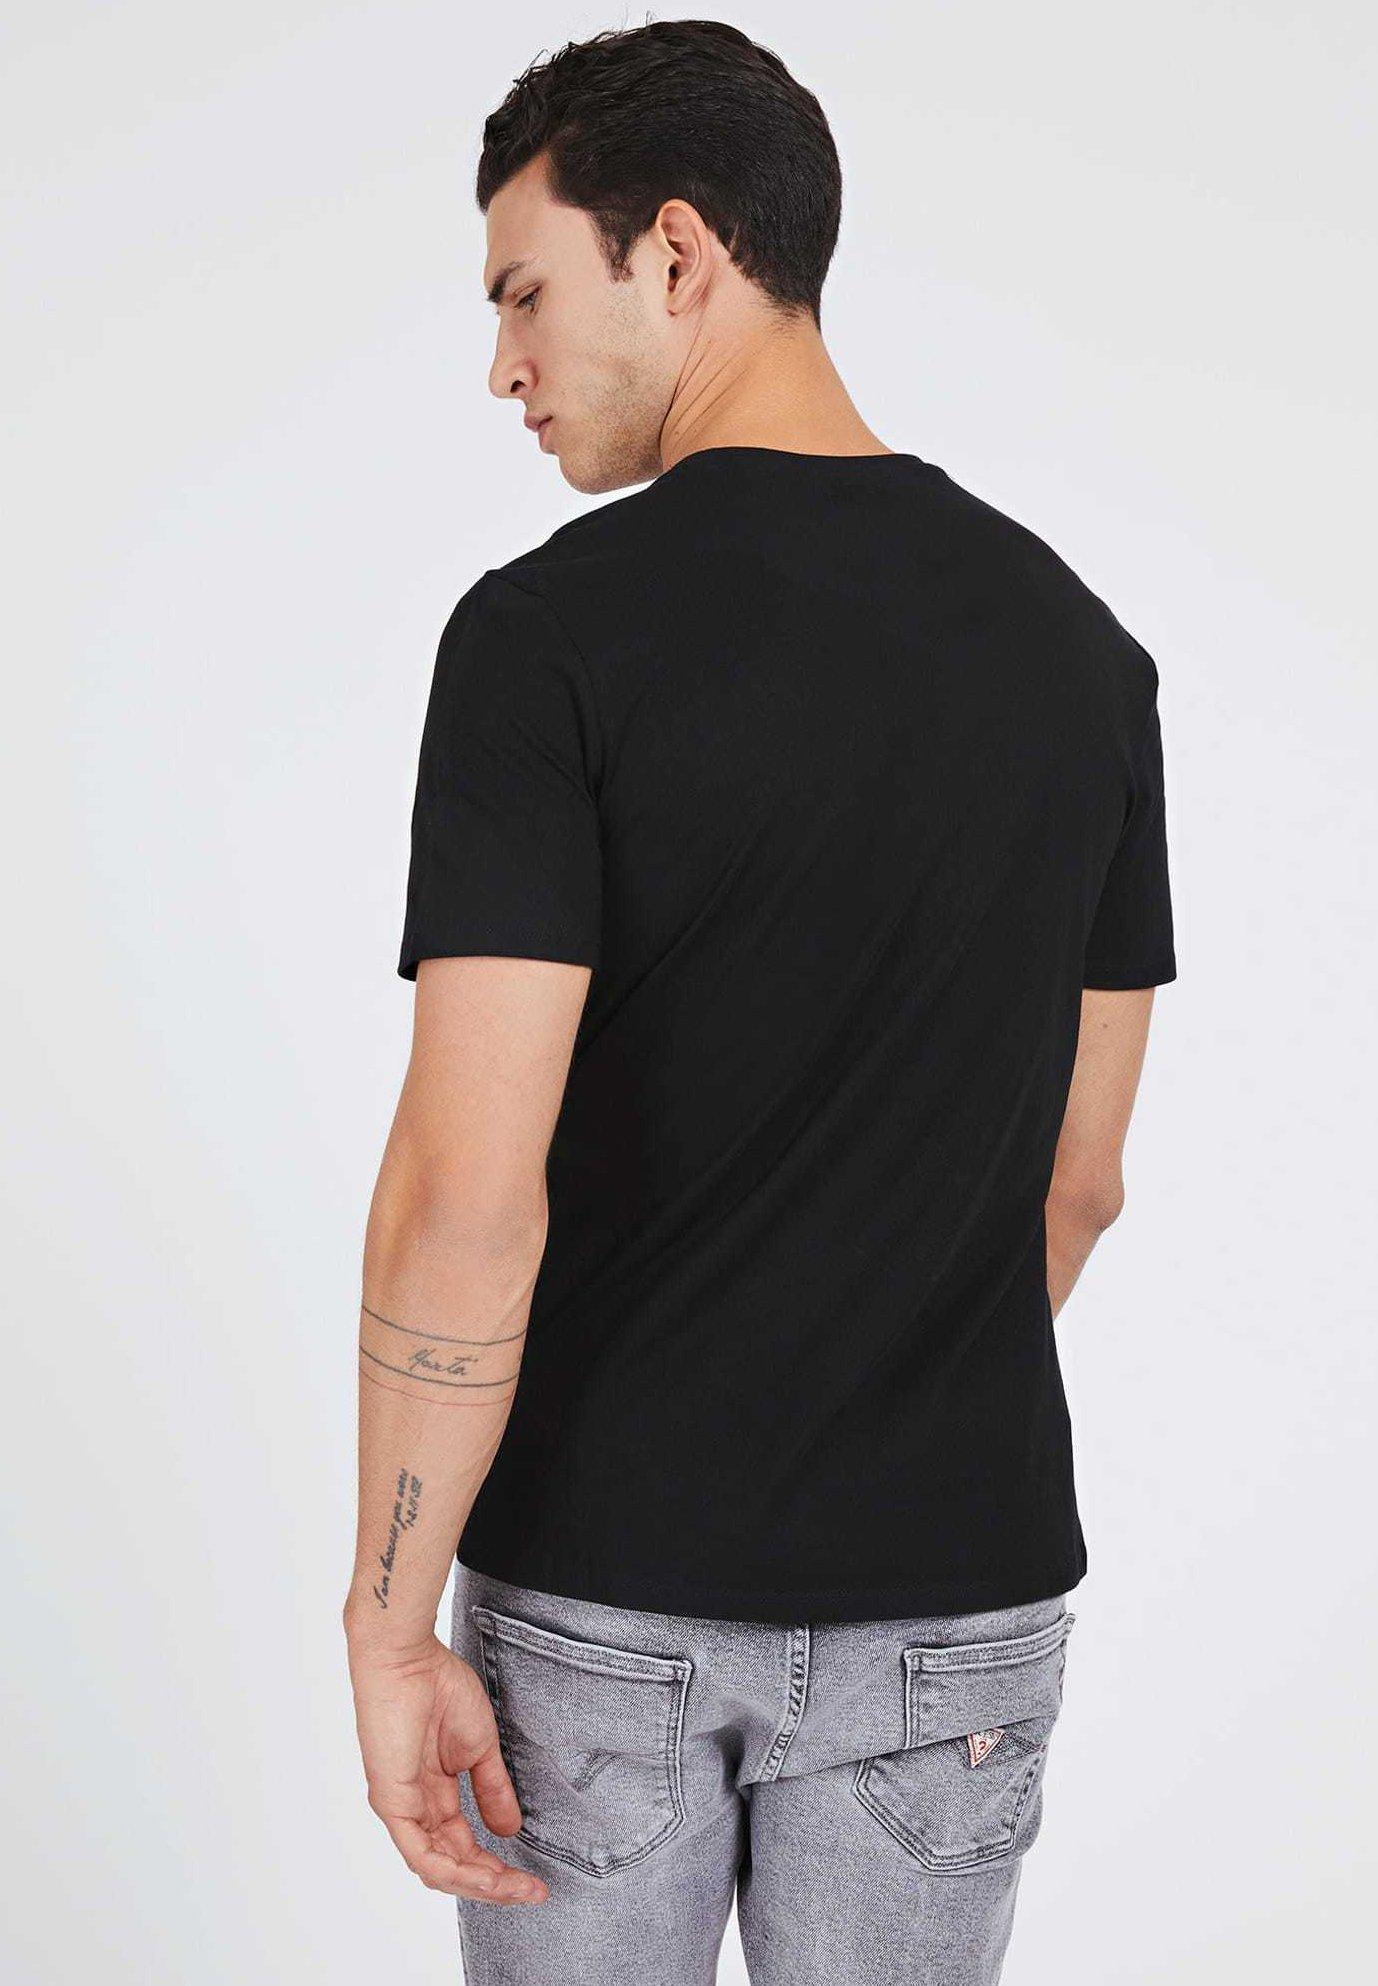 Guess T-shirt z nadrukiem - schwarz - Odzież męska Tani